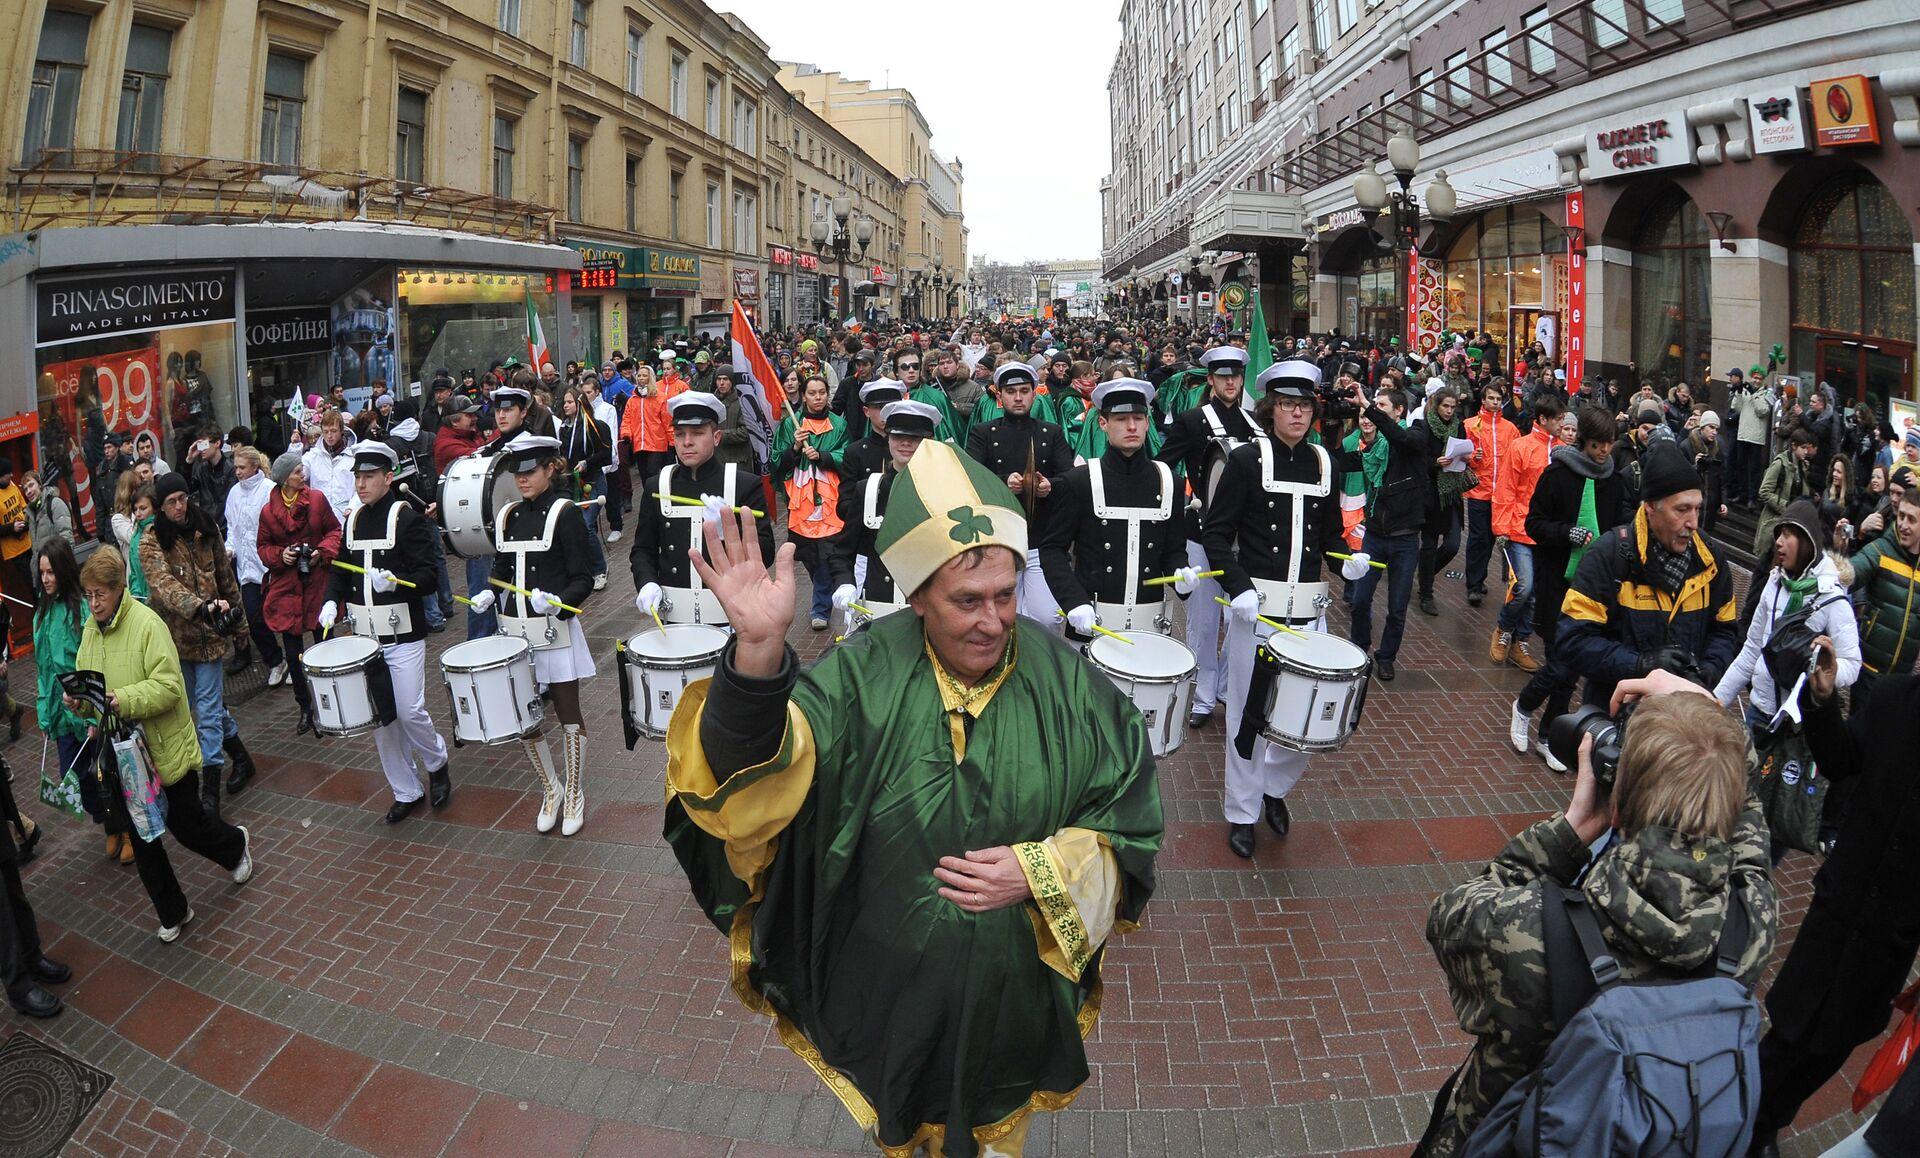 Парад в честь Дня Святого Патрика в Москве - РИА Новости, 1920, 18.03.2021